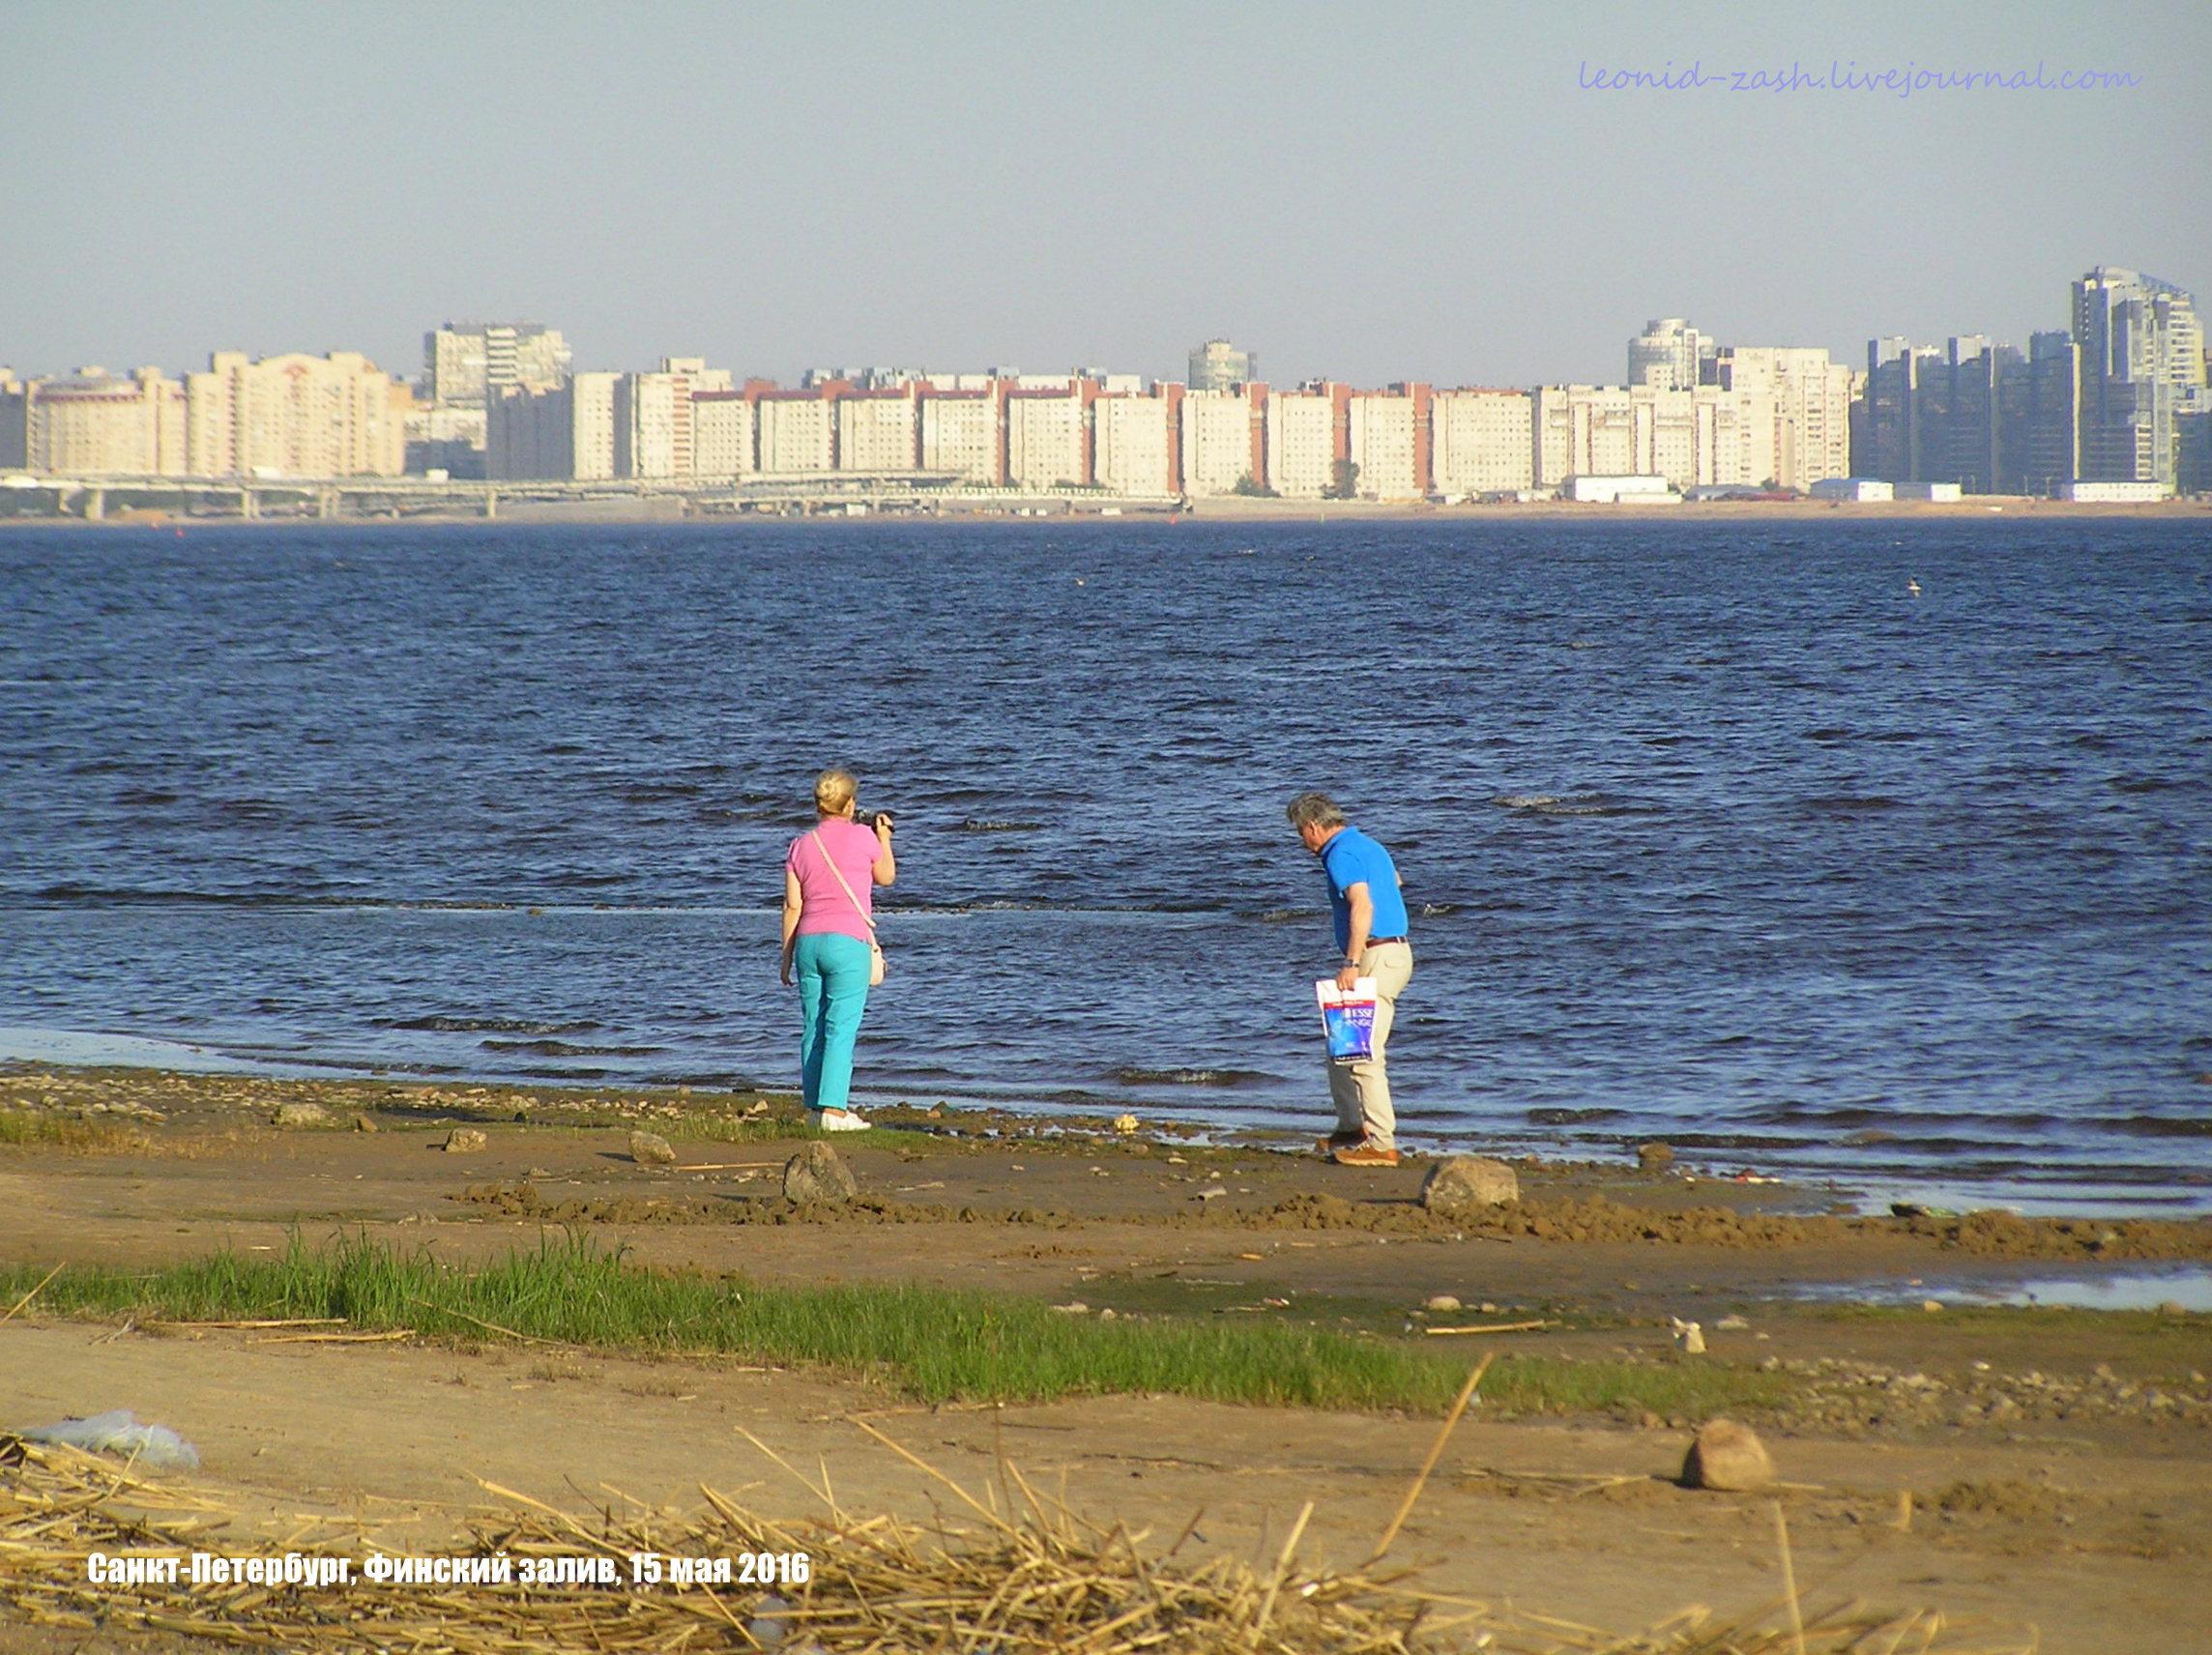 Финский залив 26.JPG